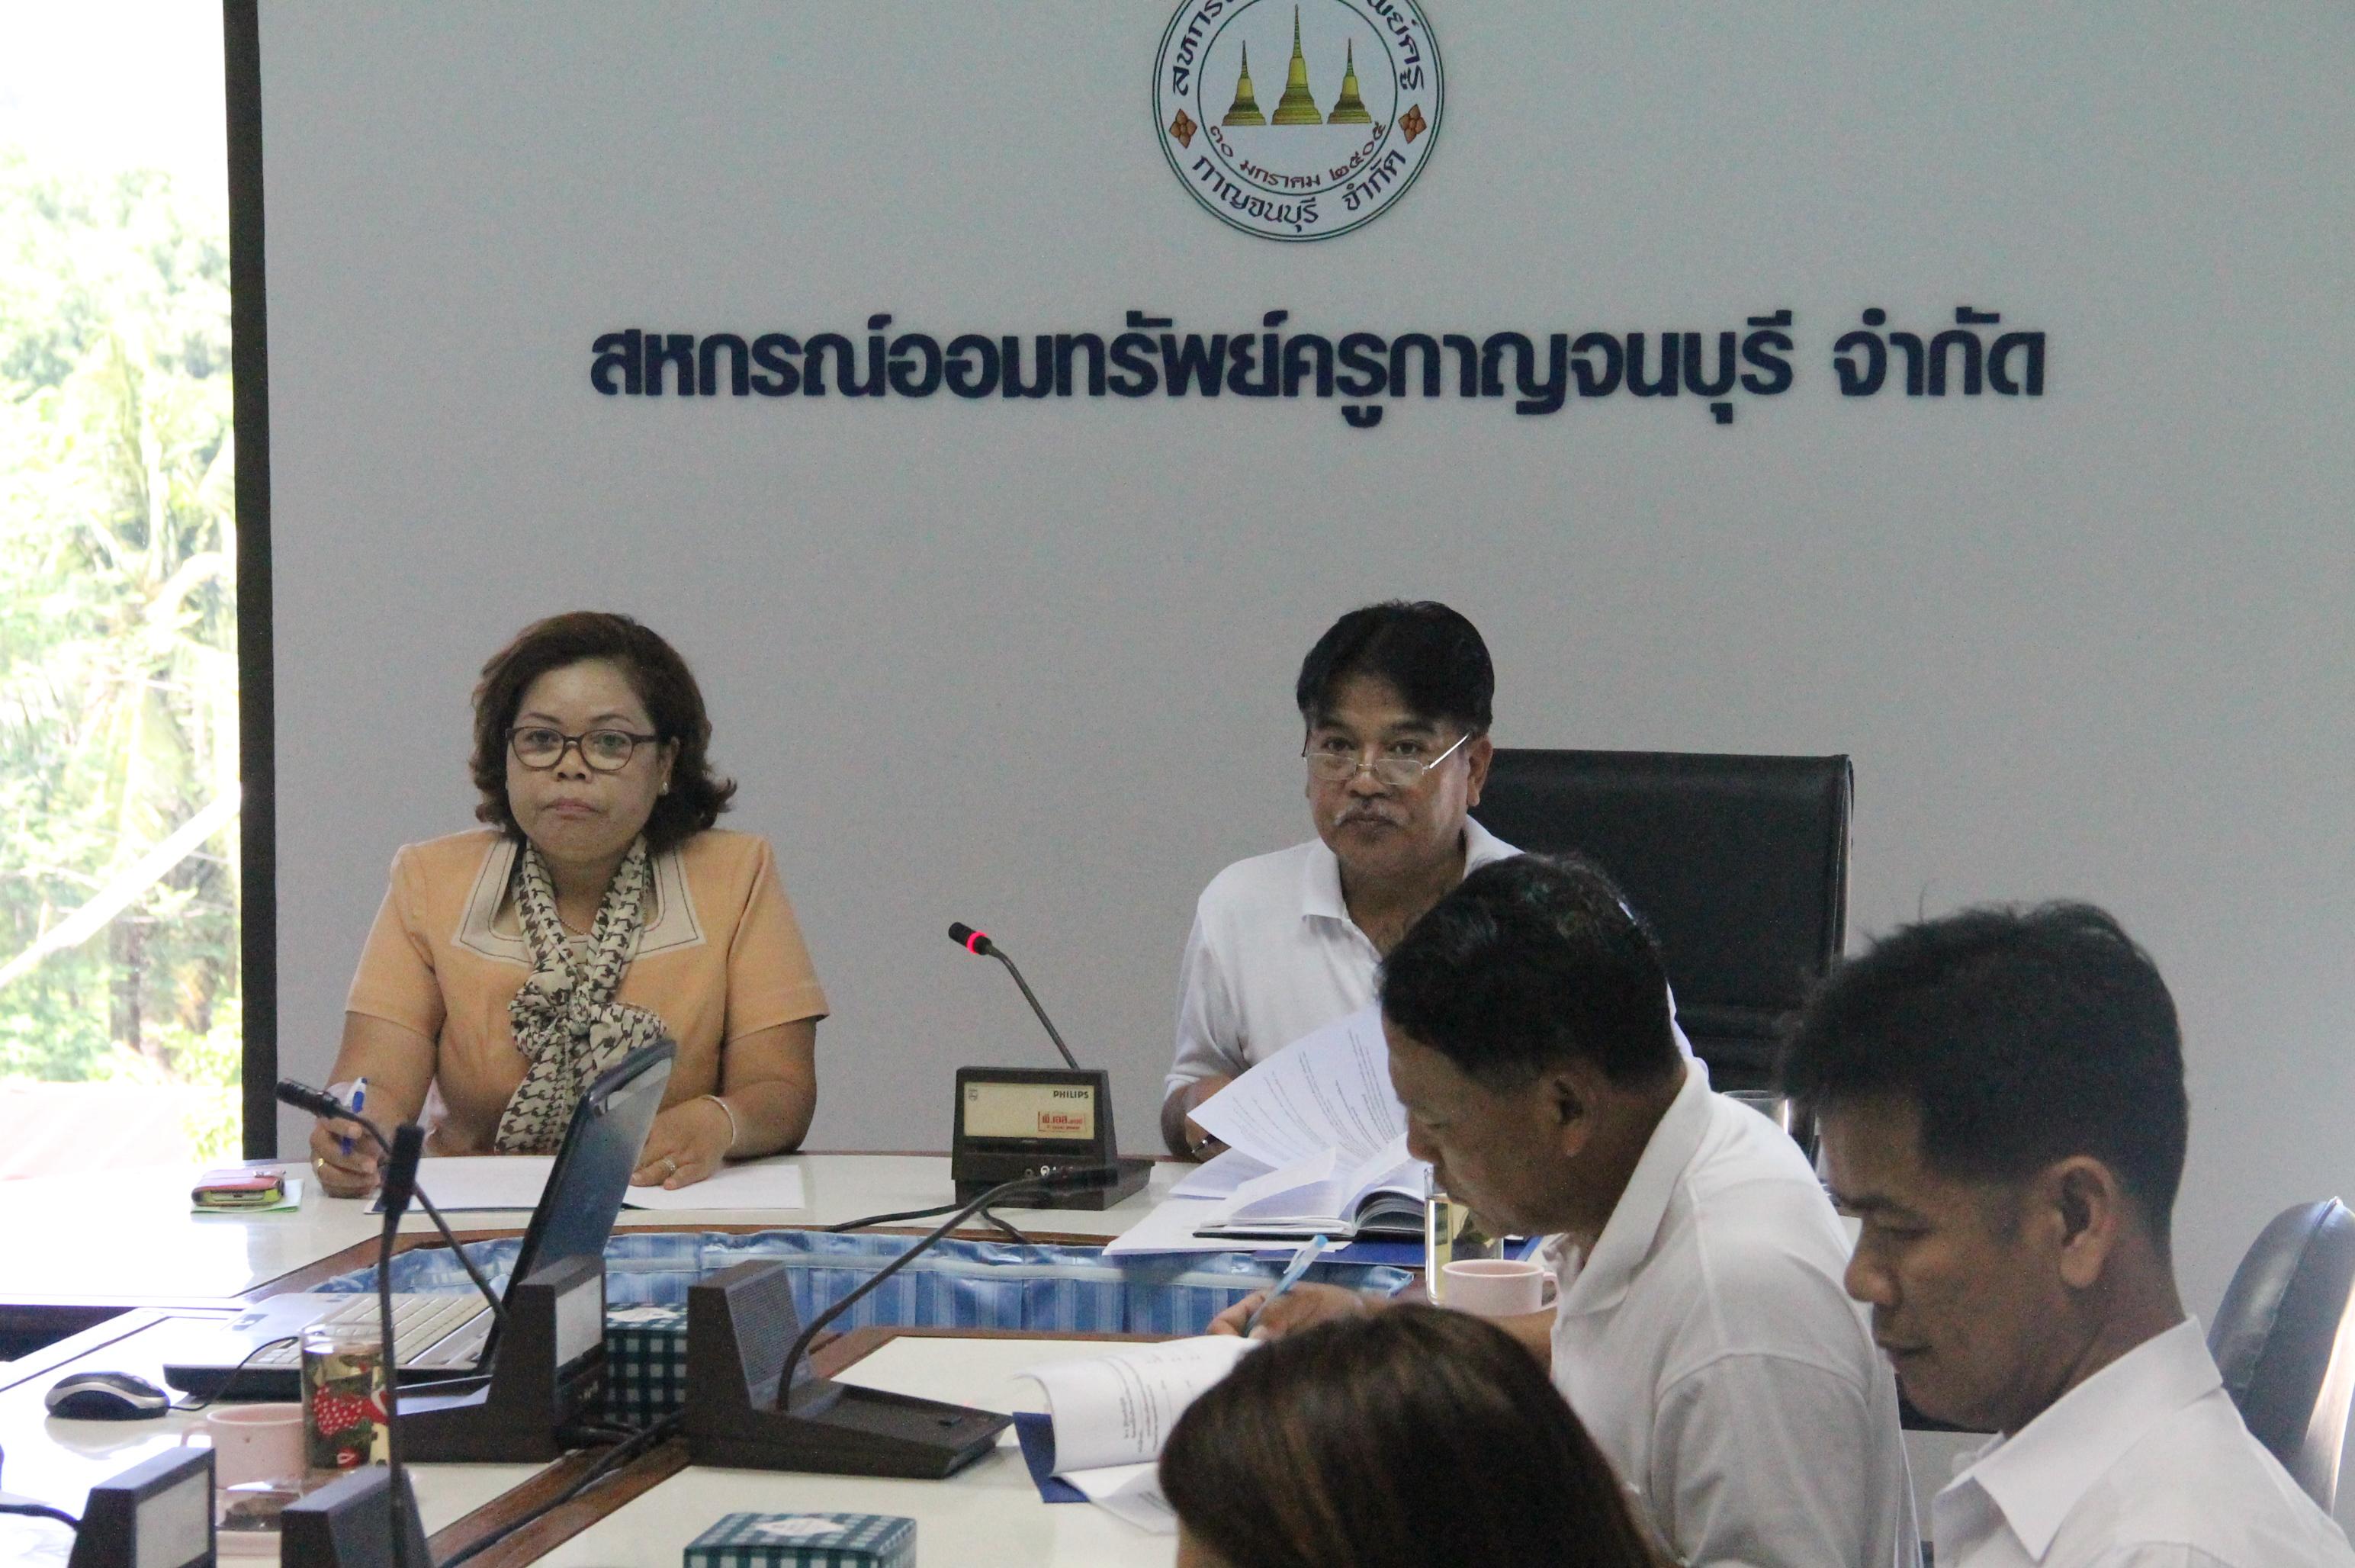 ประชุมชมรมผู้จัดการสหกรณ์จังหวัดกาญจนบุรี